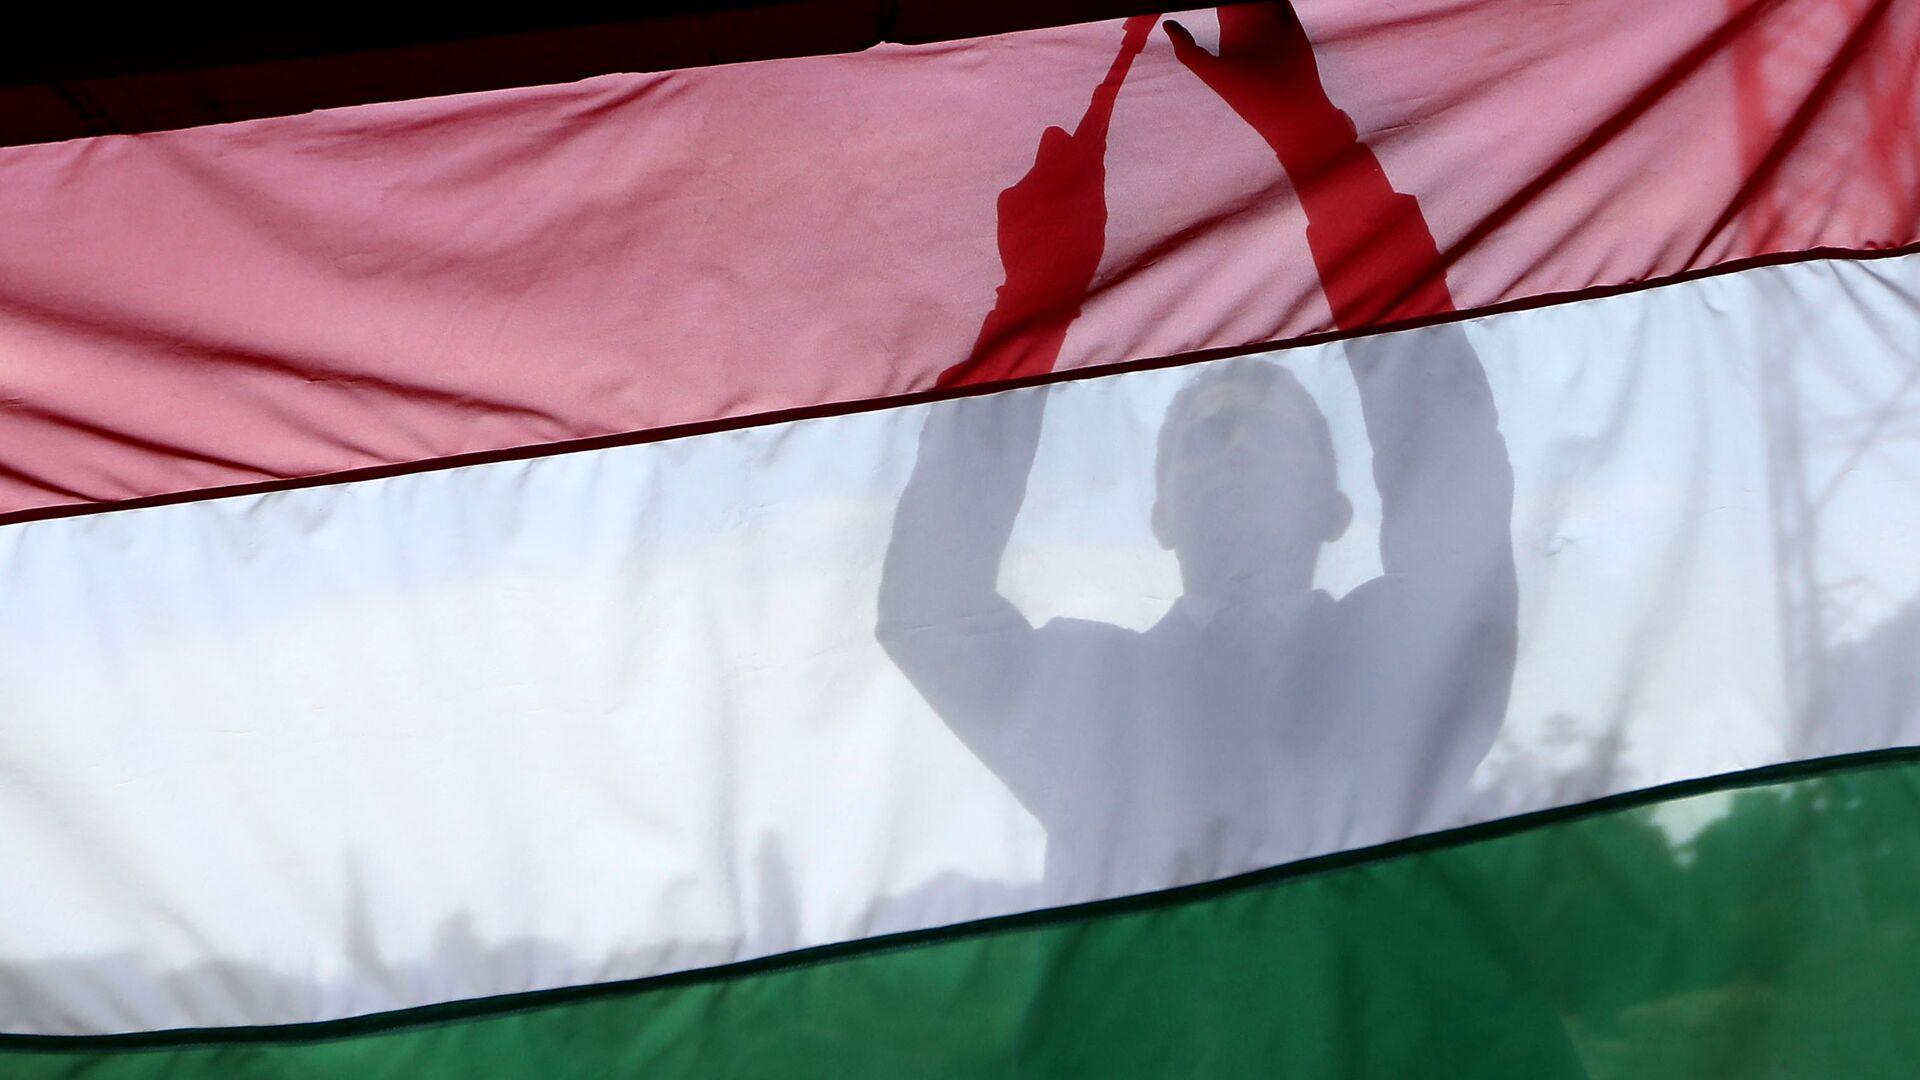 Мужчина на фоне флага Венгрии  - РИА Новости, 1920, 08.07.2021